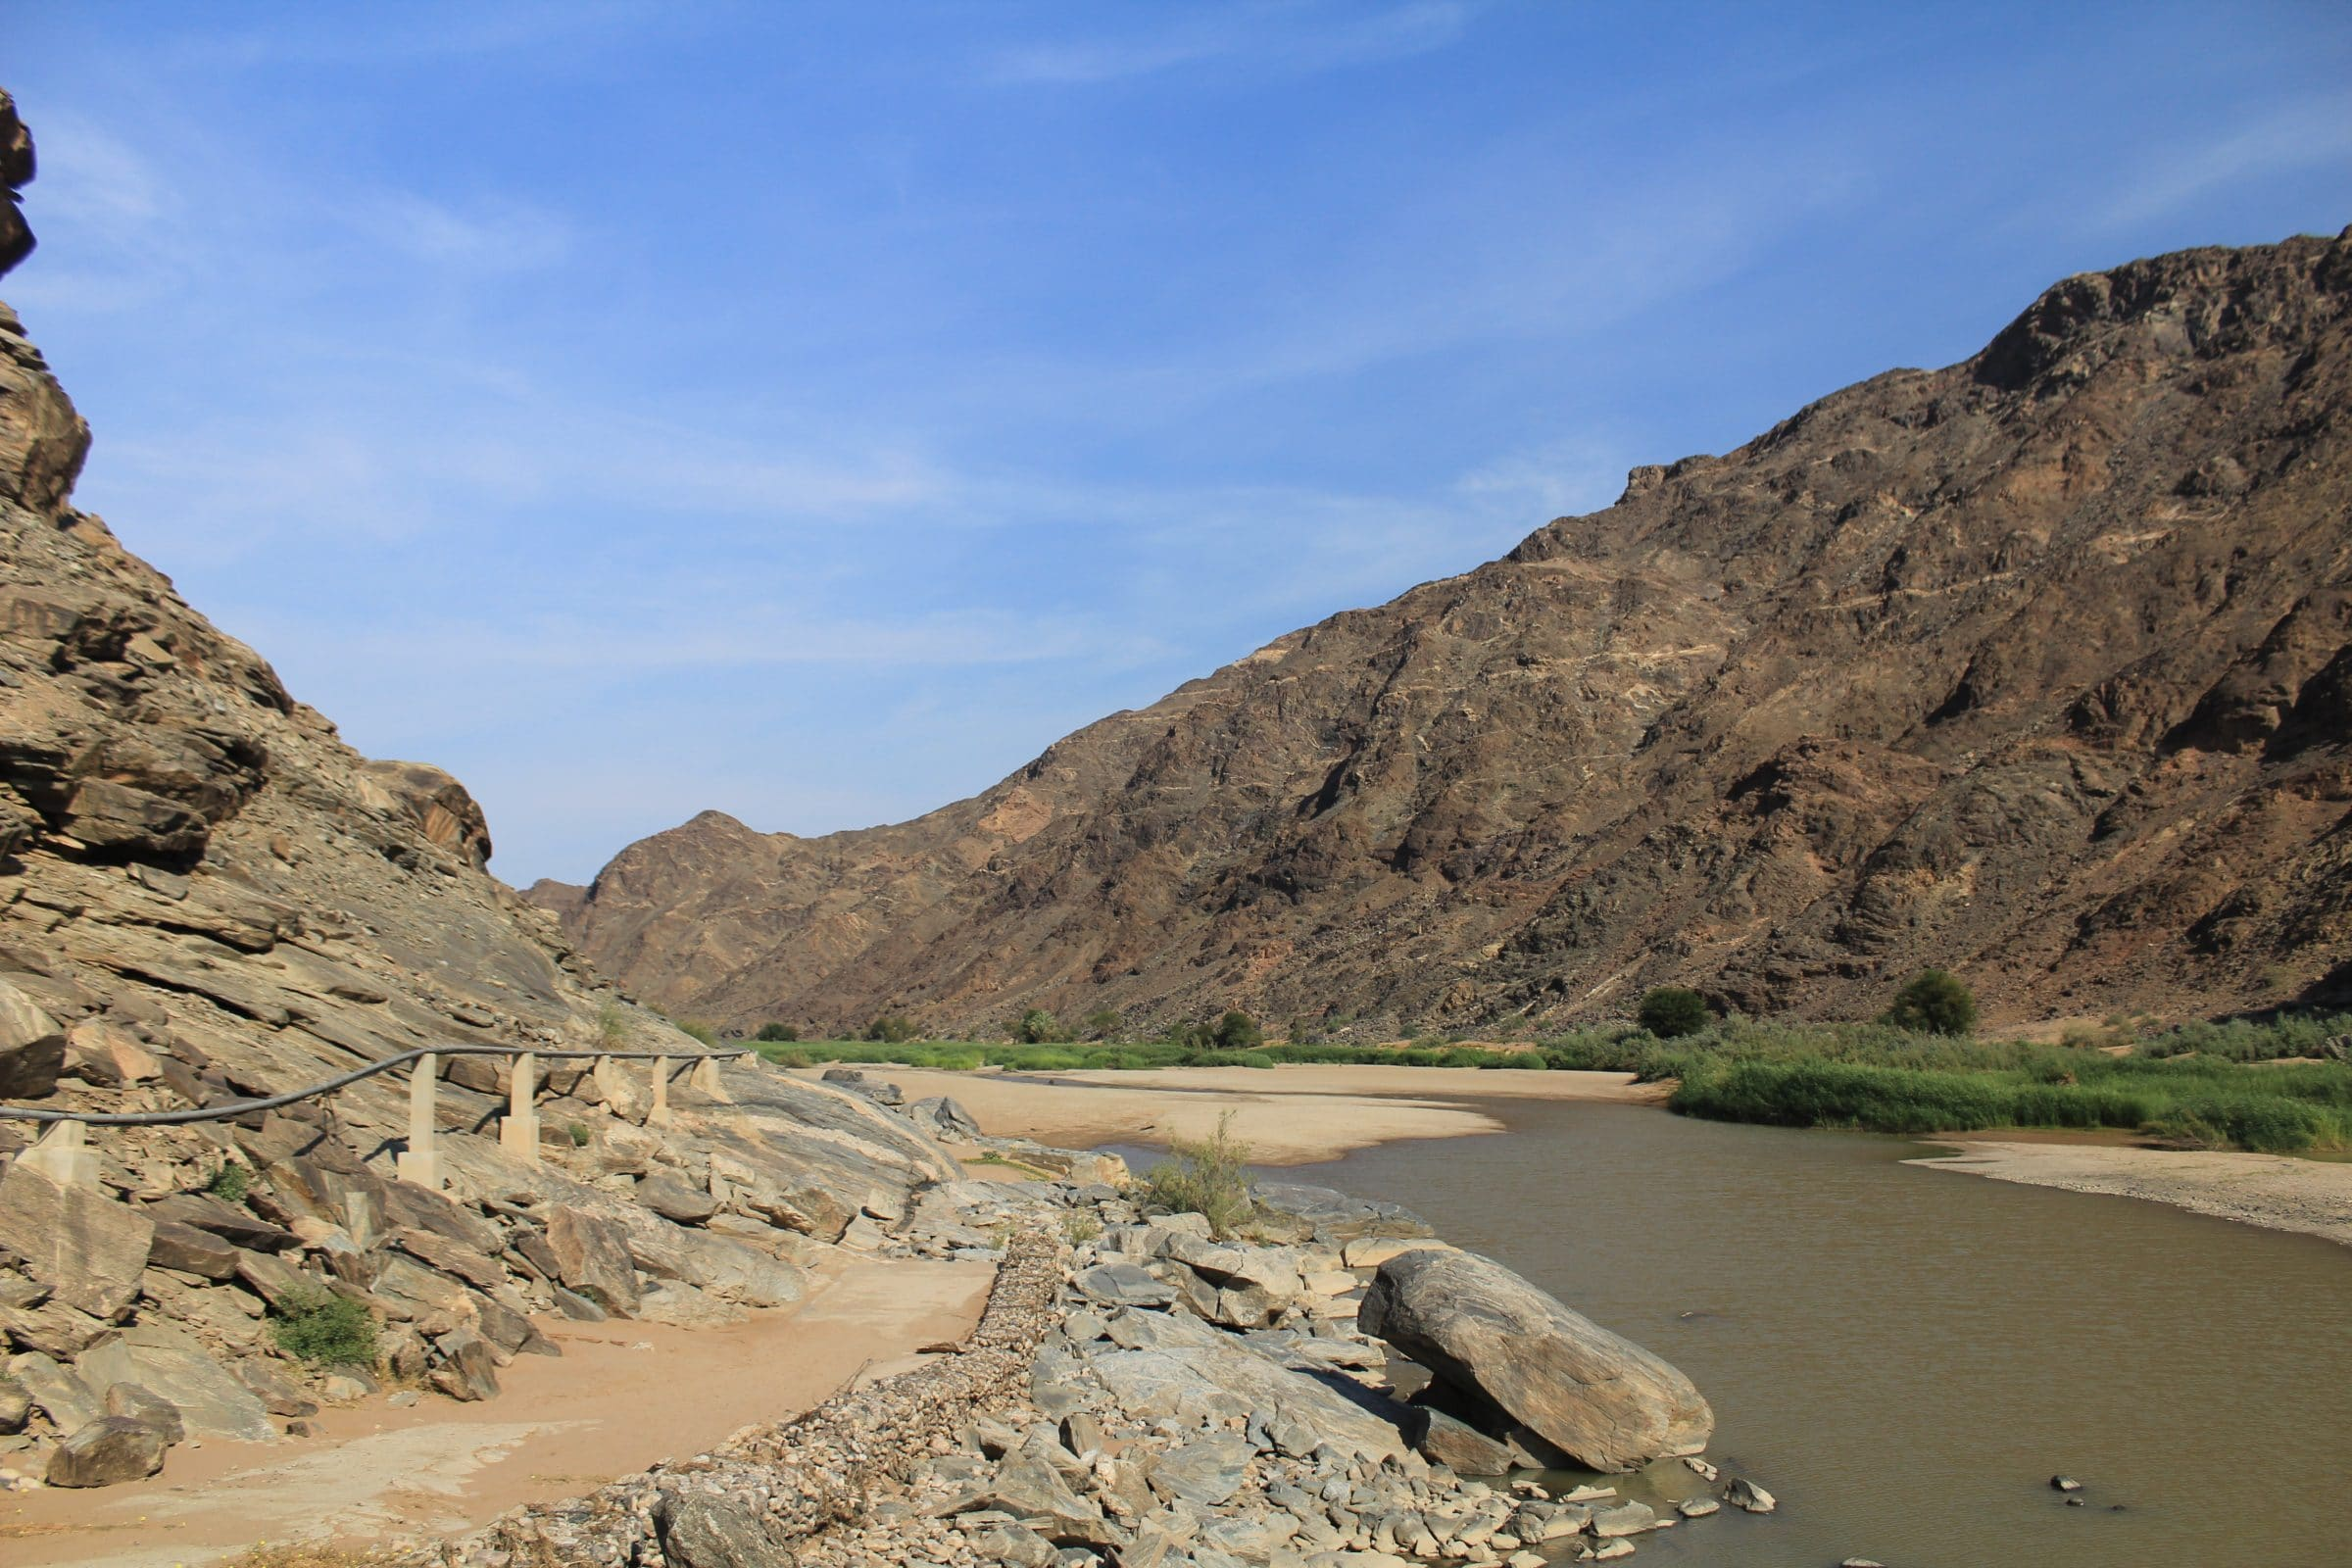 Vanuit Ai-Ais kun je een korte wandeling in de canyon maken